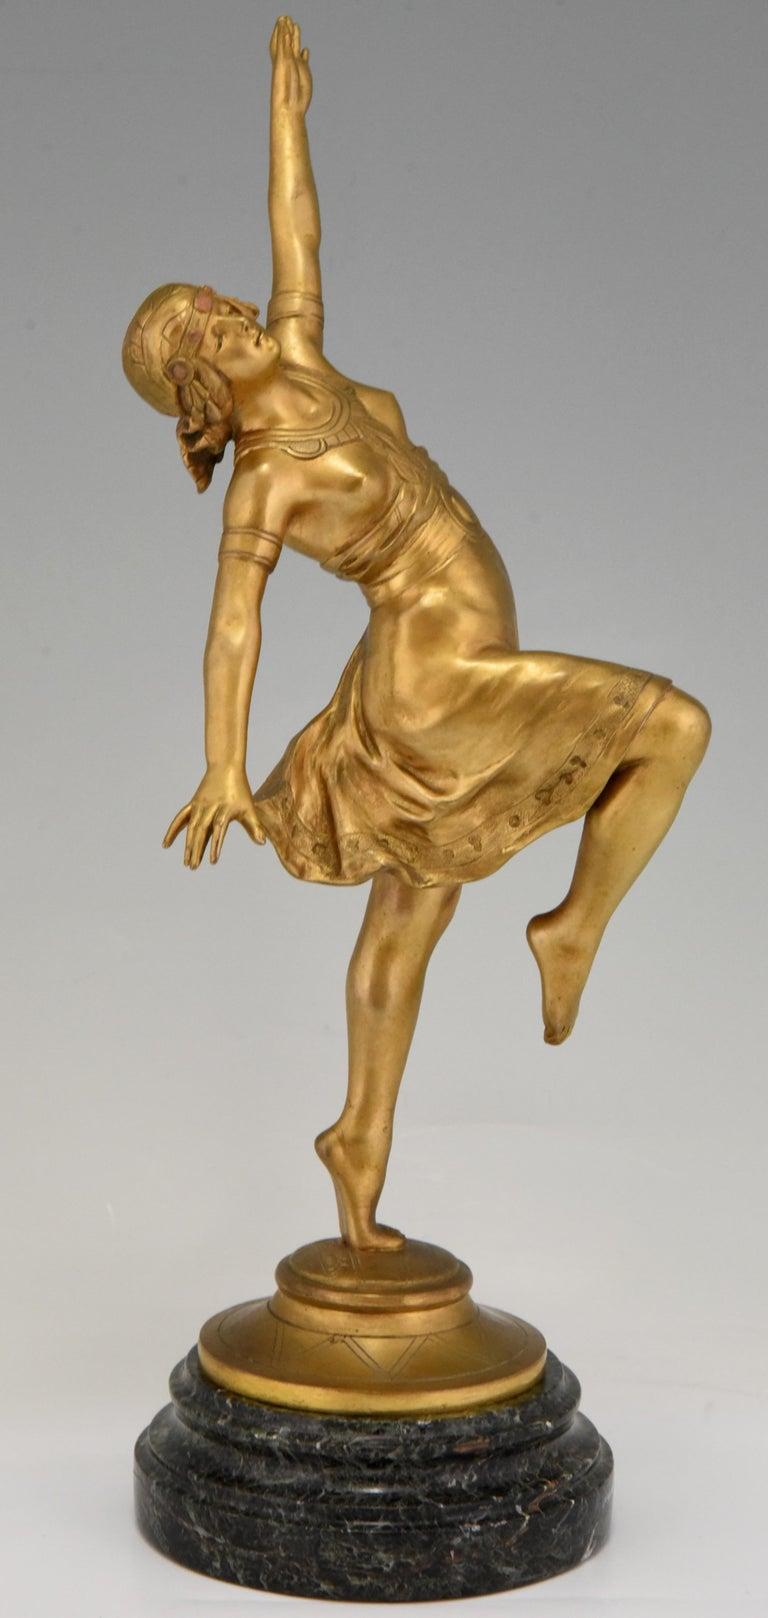 French Art Nouveau Bronze Sculpture Oriental Dancer Jean Garnier, France, 1900 For Sale